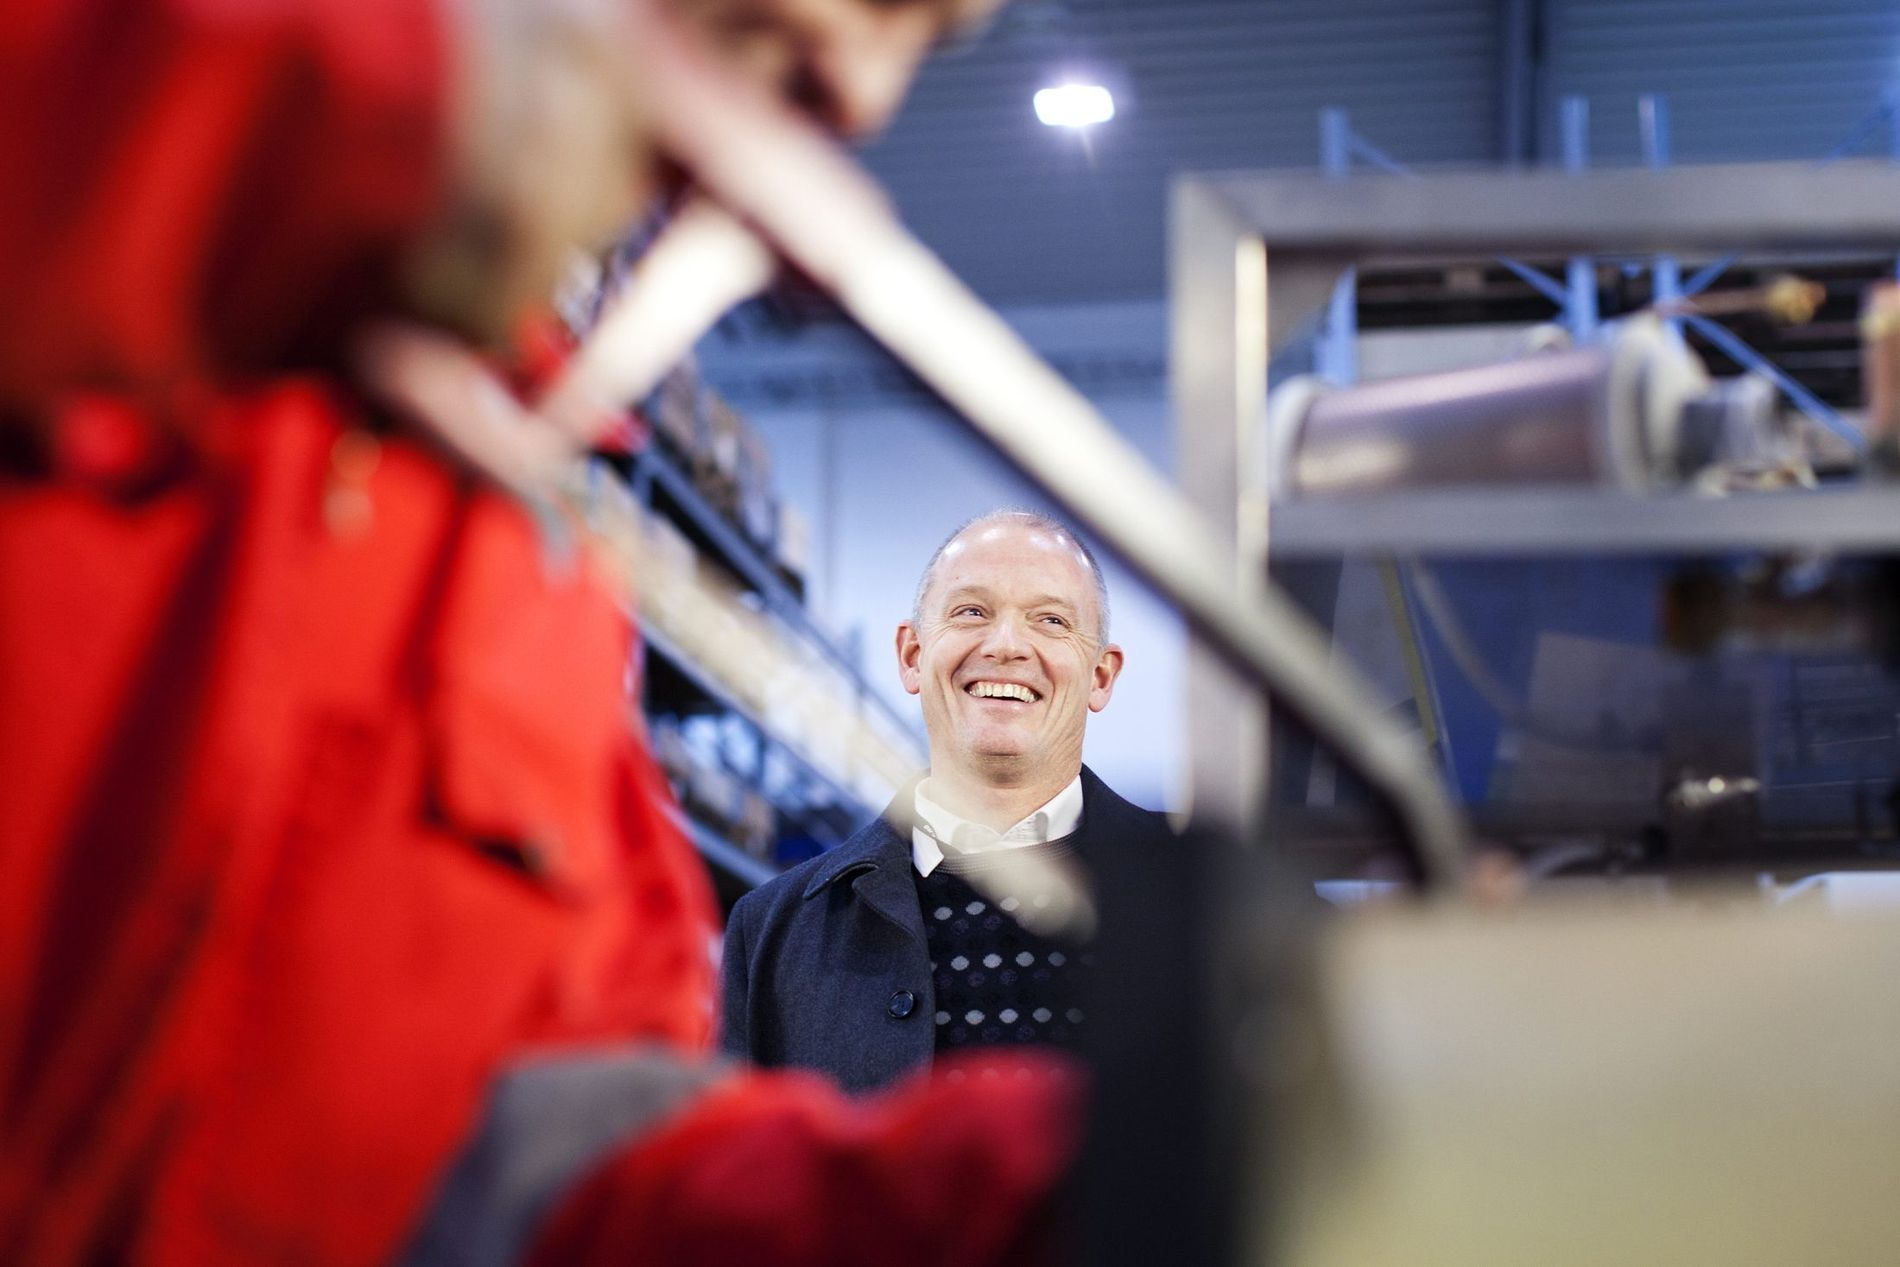 MANGLER ARBEIDERE: IKM-sjef Ståle Kyllingstad får ikke tak i nok arbeidskraft. – Det blir mye ledig, særlig offshore, sier han. Her i et av IKMs verksteder på Sola sammen med mekaniker Trond Horpestad (33).